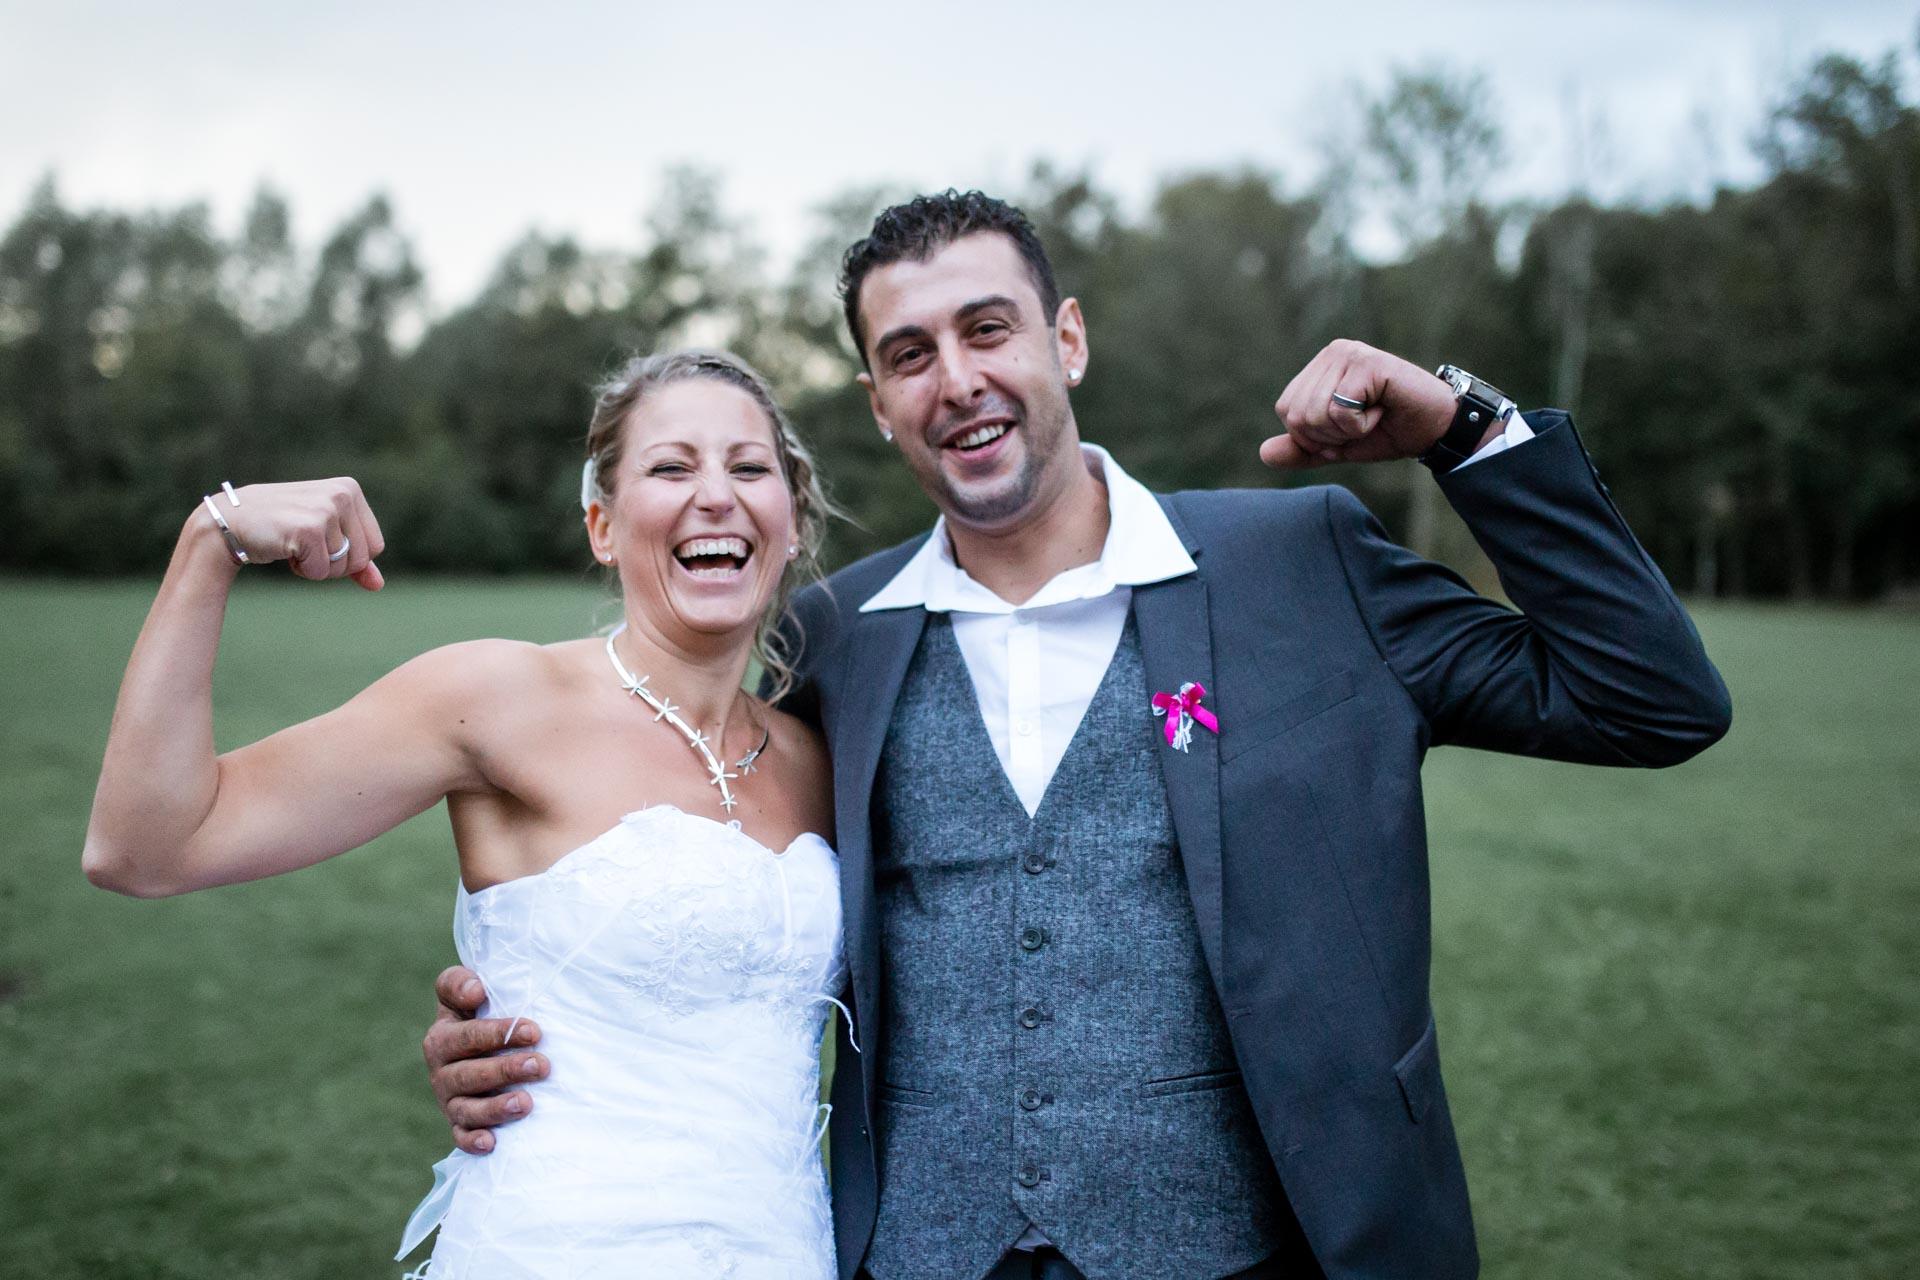 la marié qui a des muscles en fait !